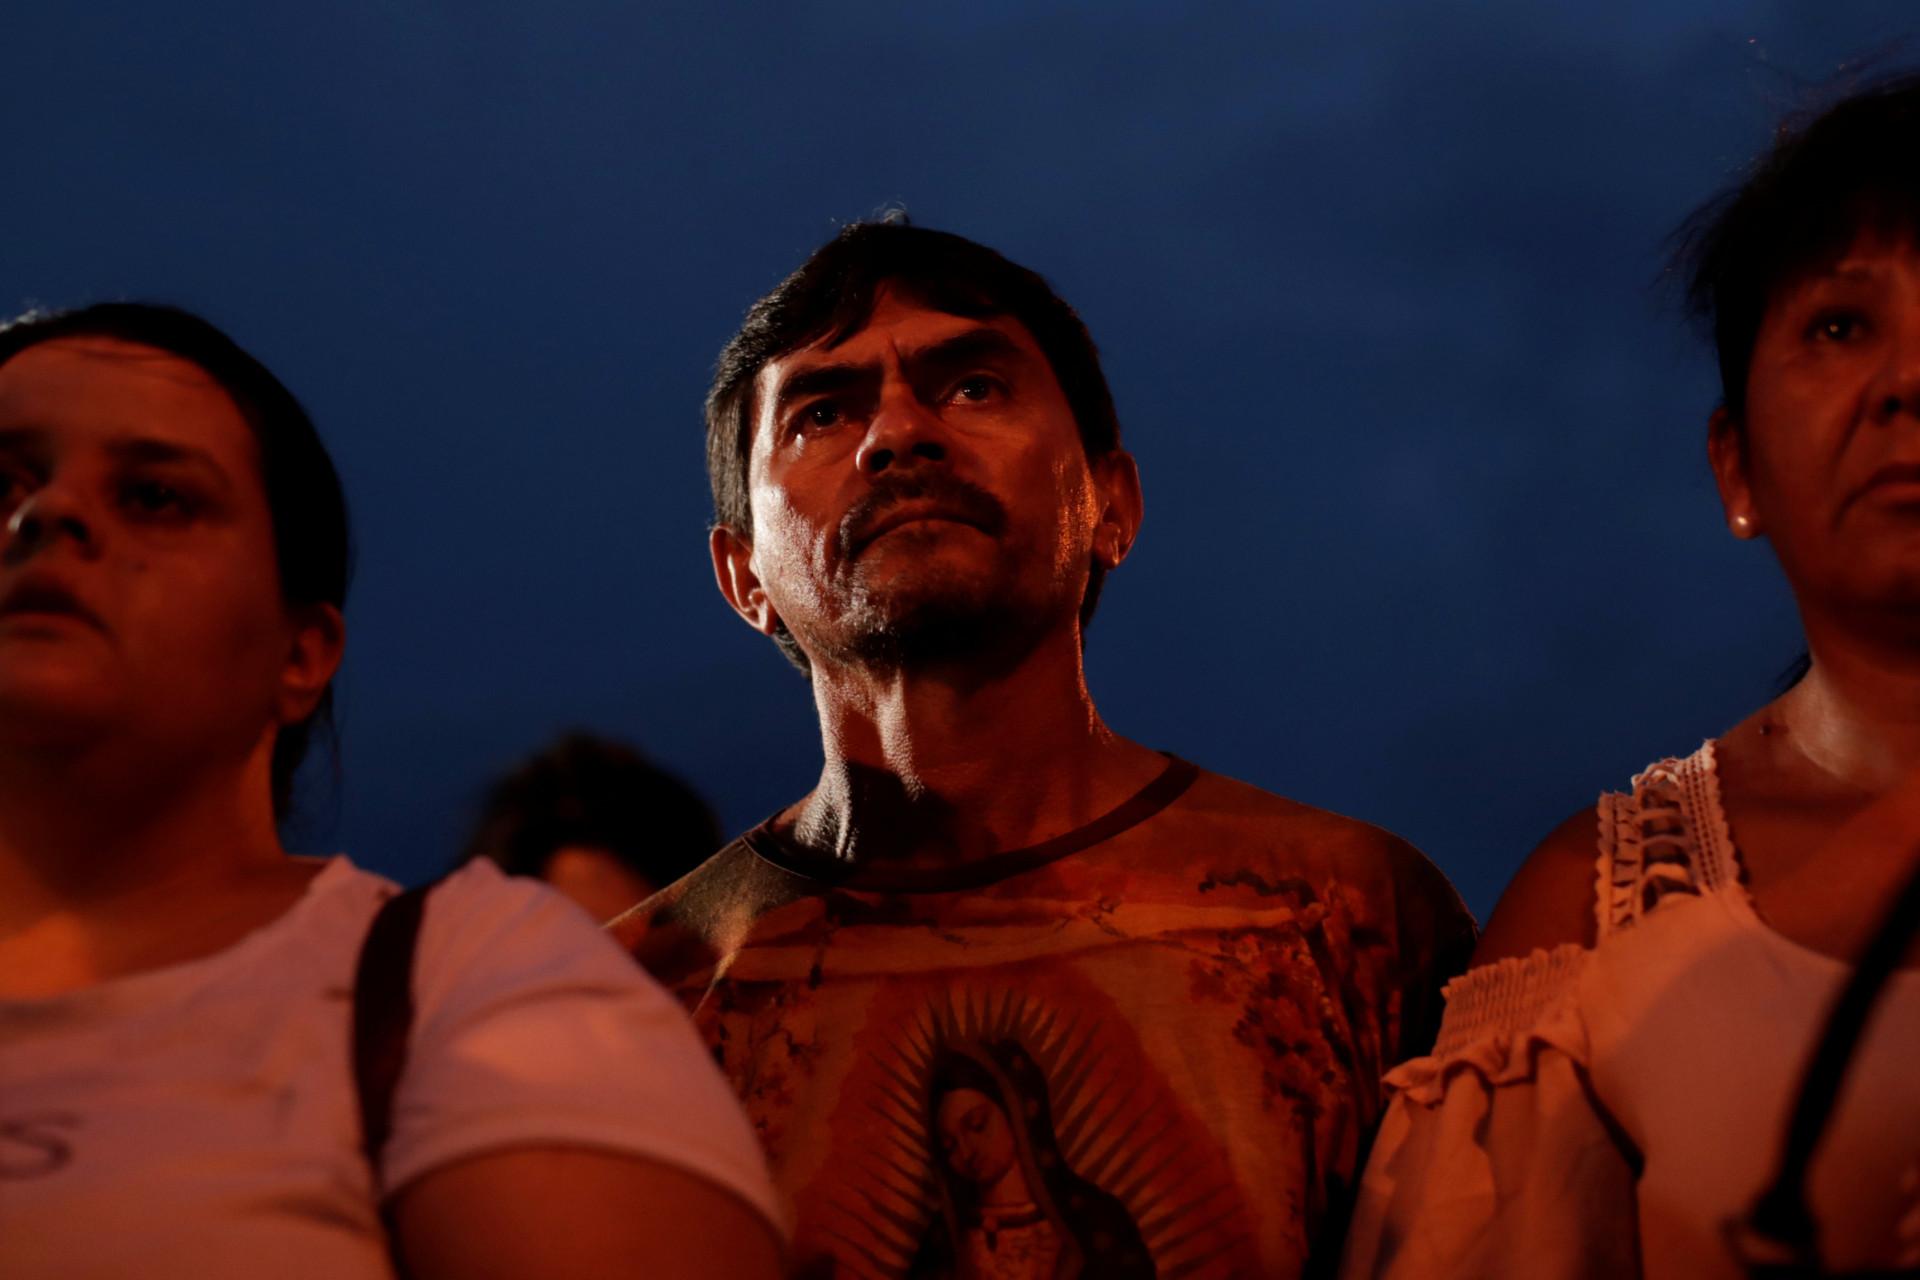 As imagens após o massacre que deixou o Brasil (novamente) de luto